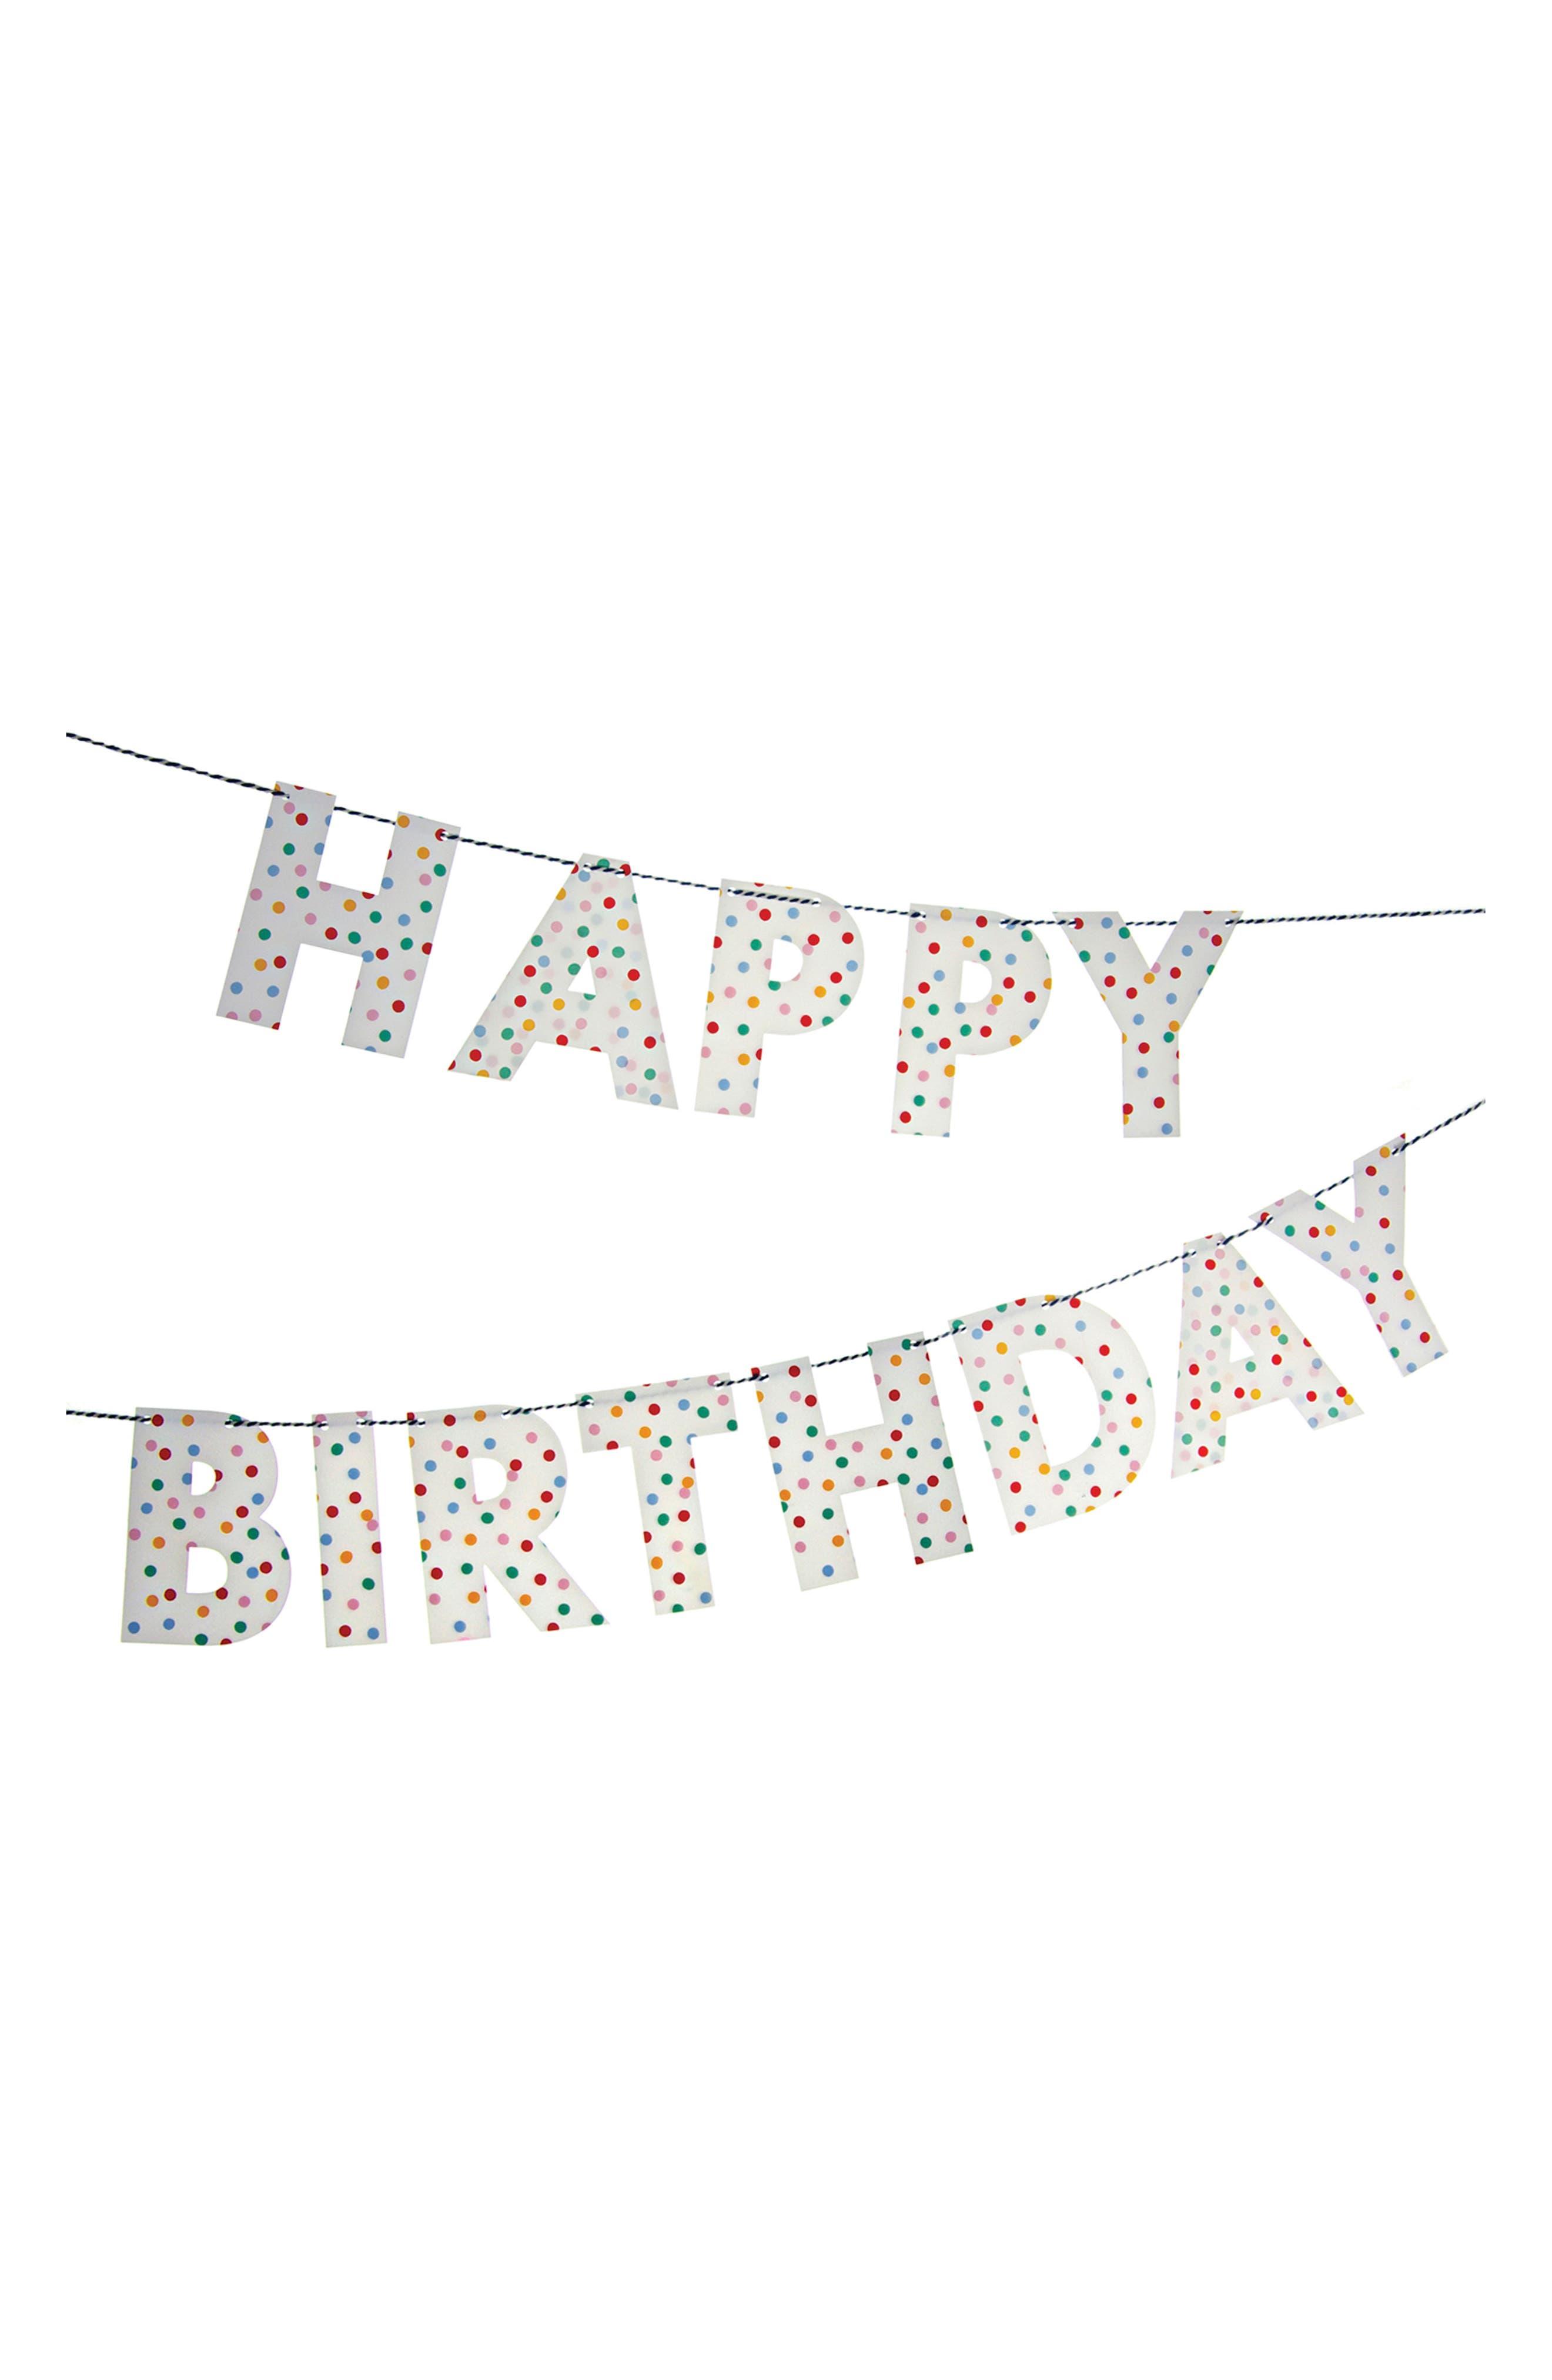 Main Image - Meri Meri Toot Sweet - Spotty Happy Birthday Garland